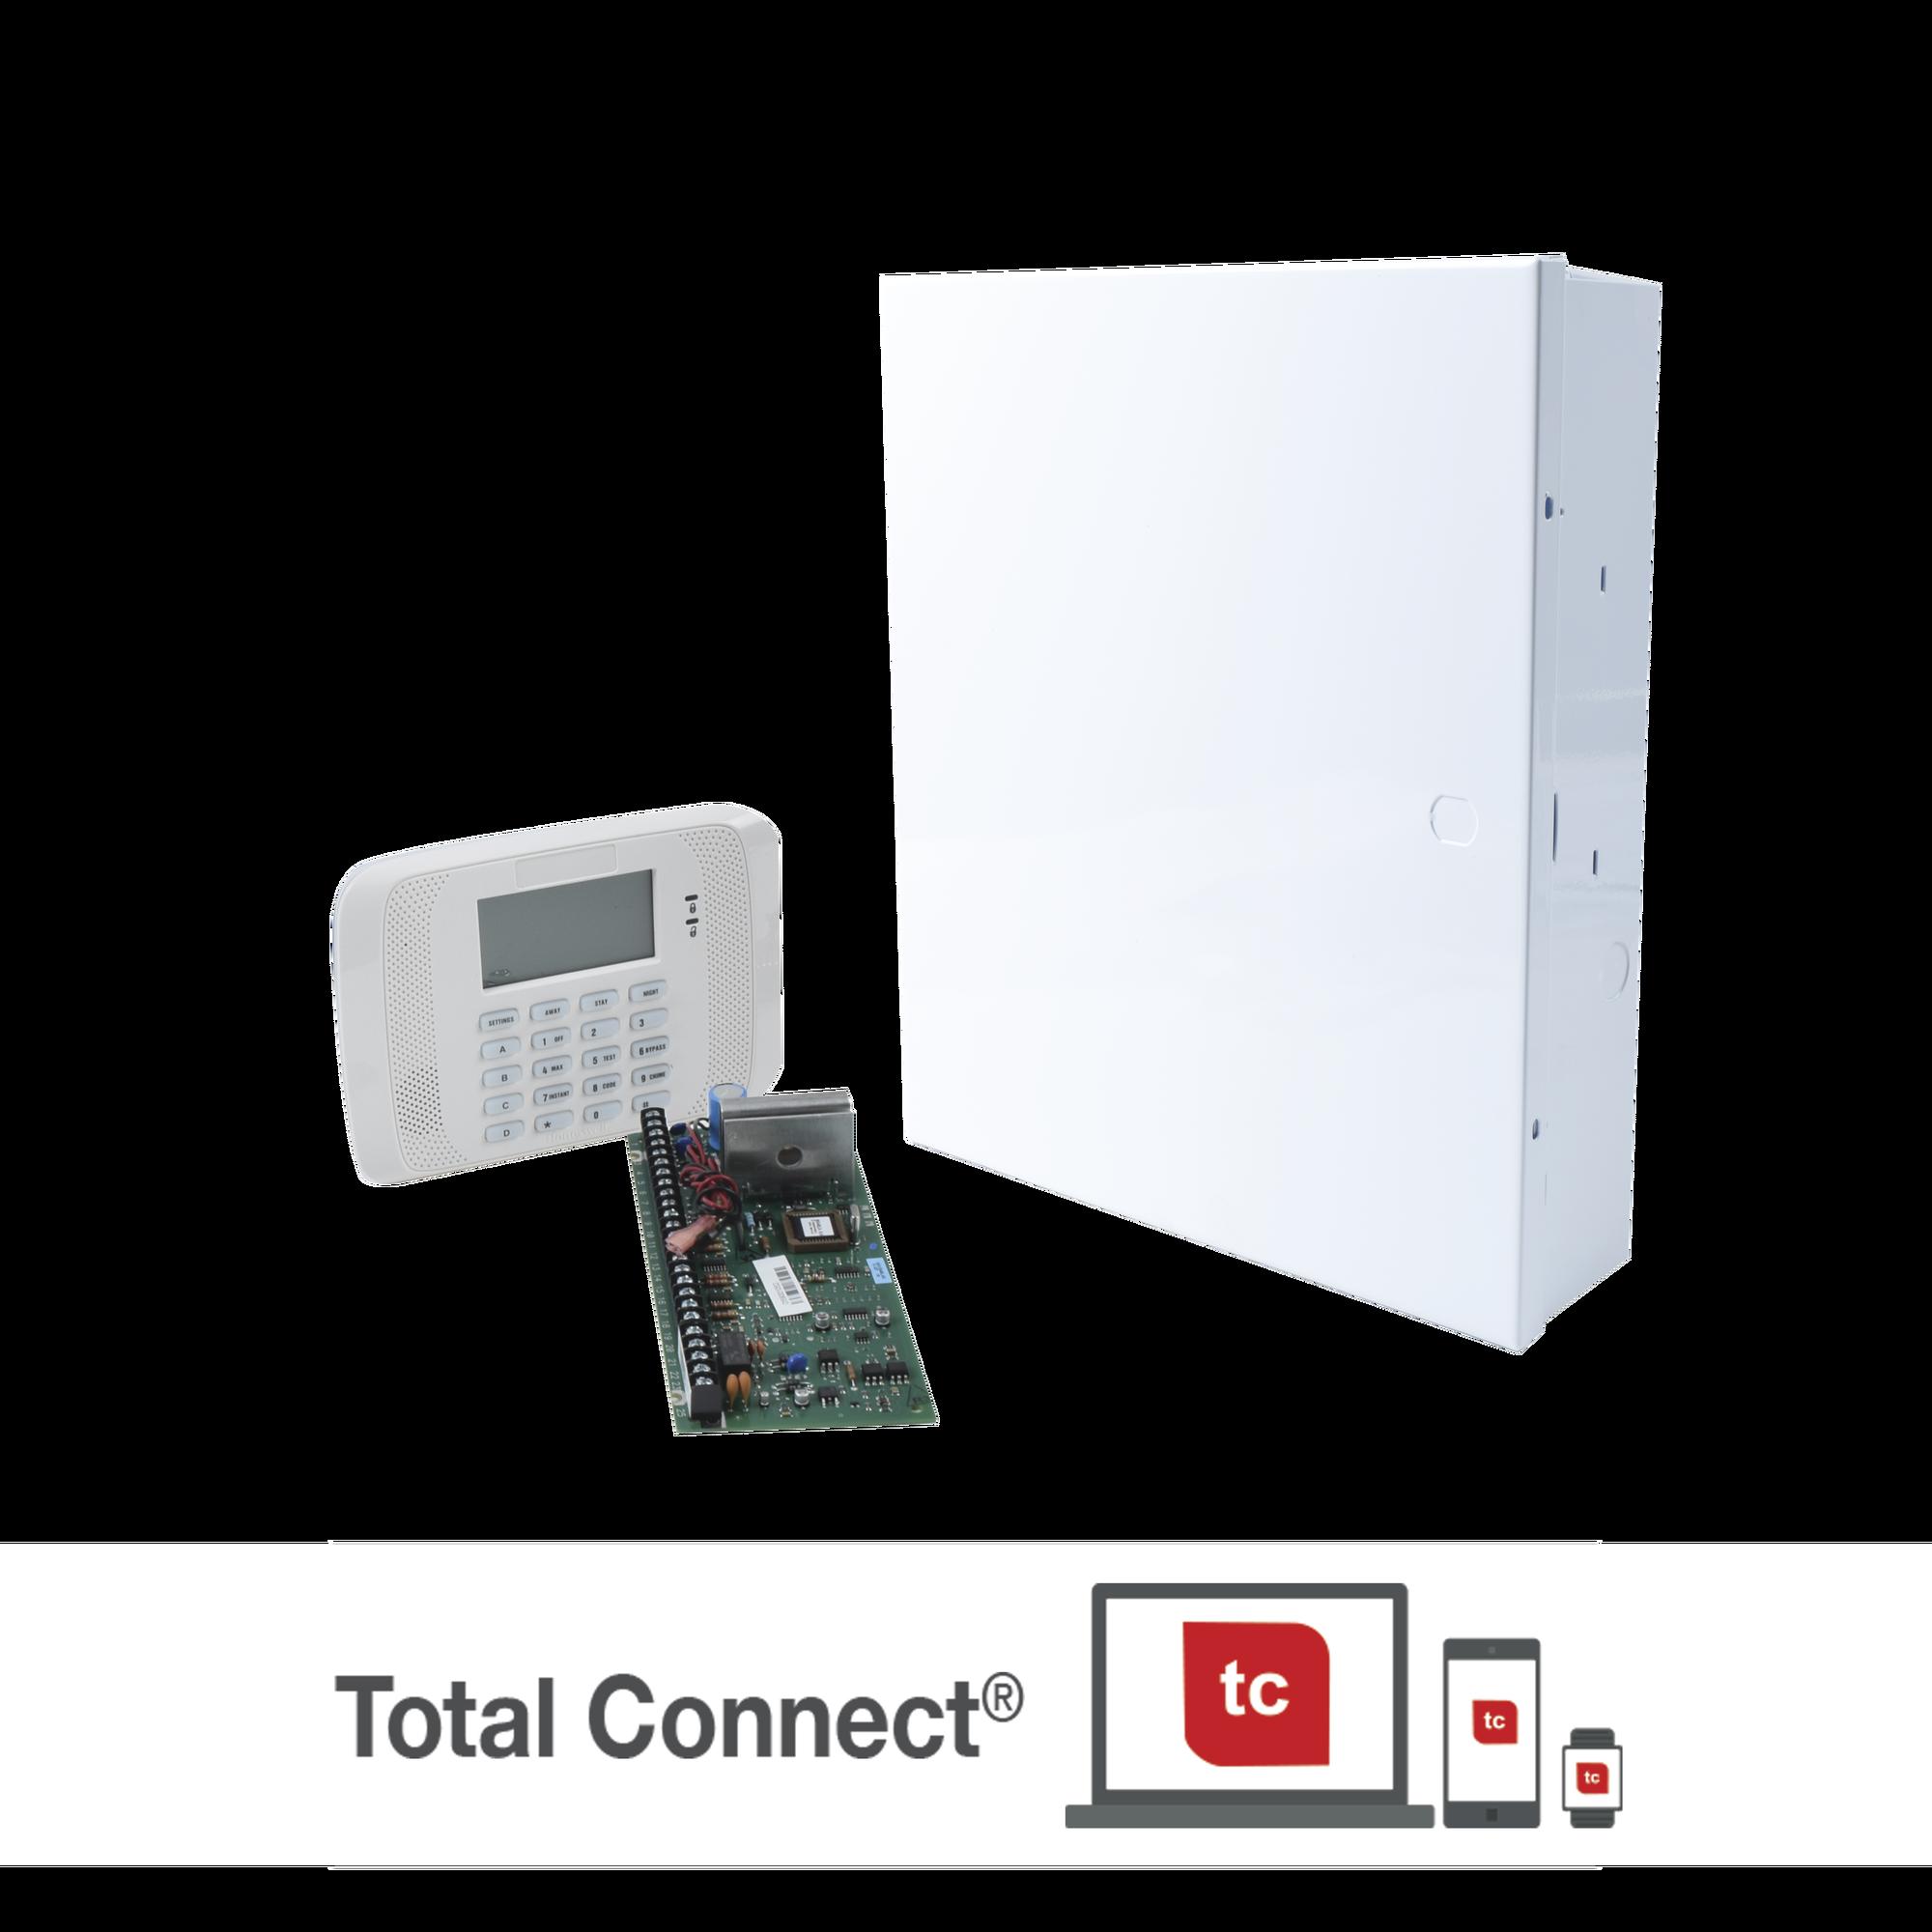 Sistema de Alarma de 8 Zonas con Teclado LCD Alfanumerico y Receptor Inalambrico para 40 Sensores